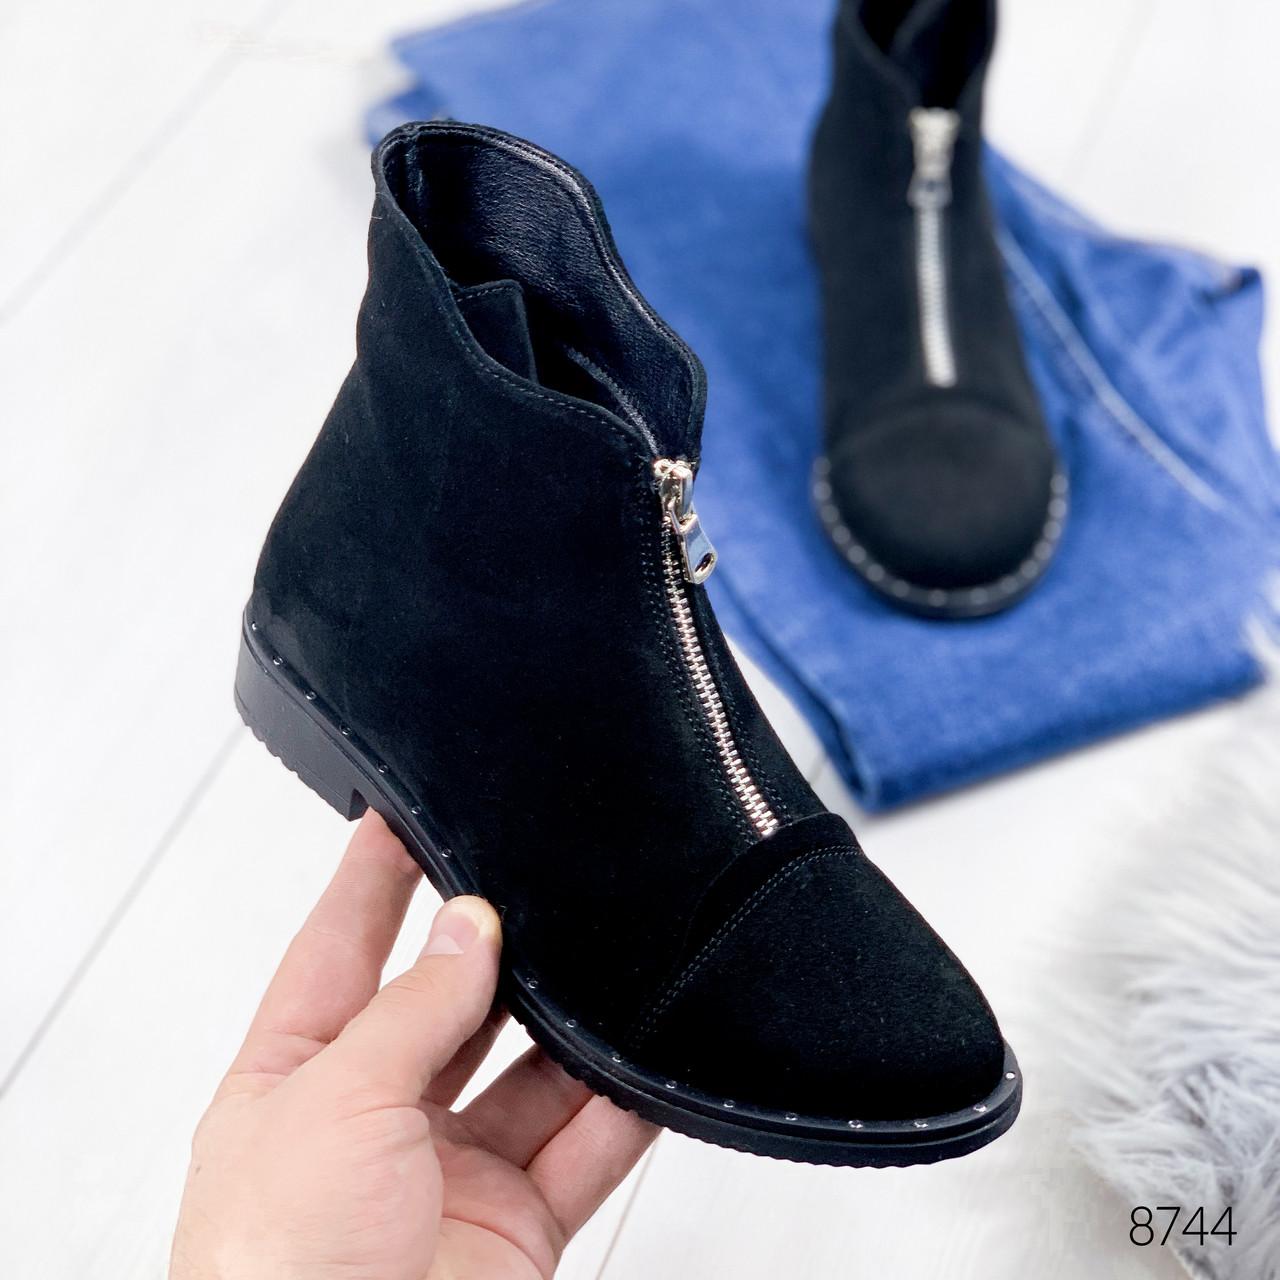 Ботинки женски Amy черный 8744